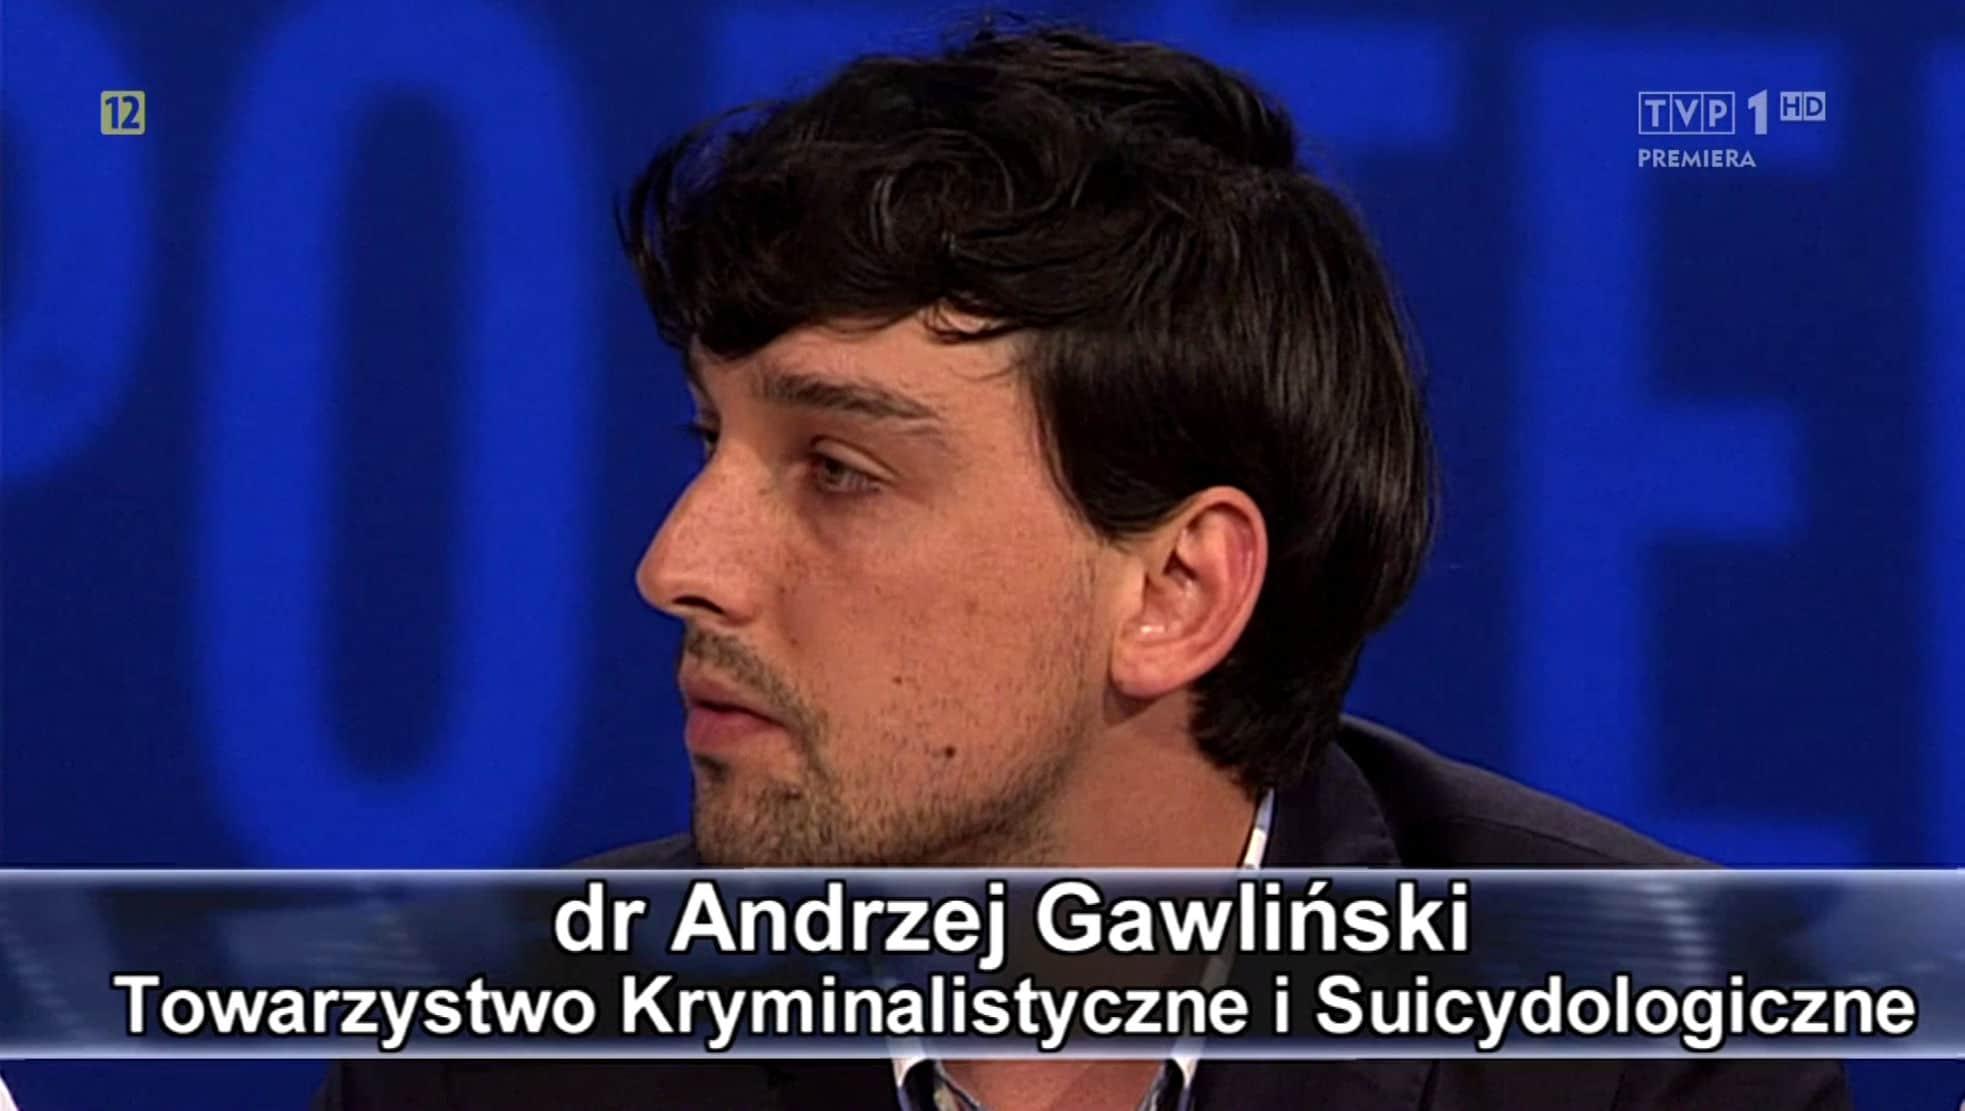 dr Andrzej Gawliński ekspert programu Sprawa dla reportera